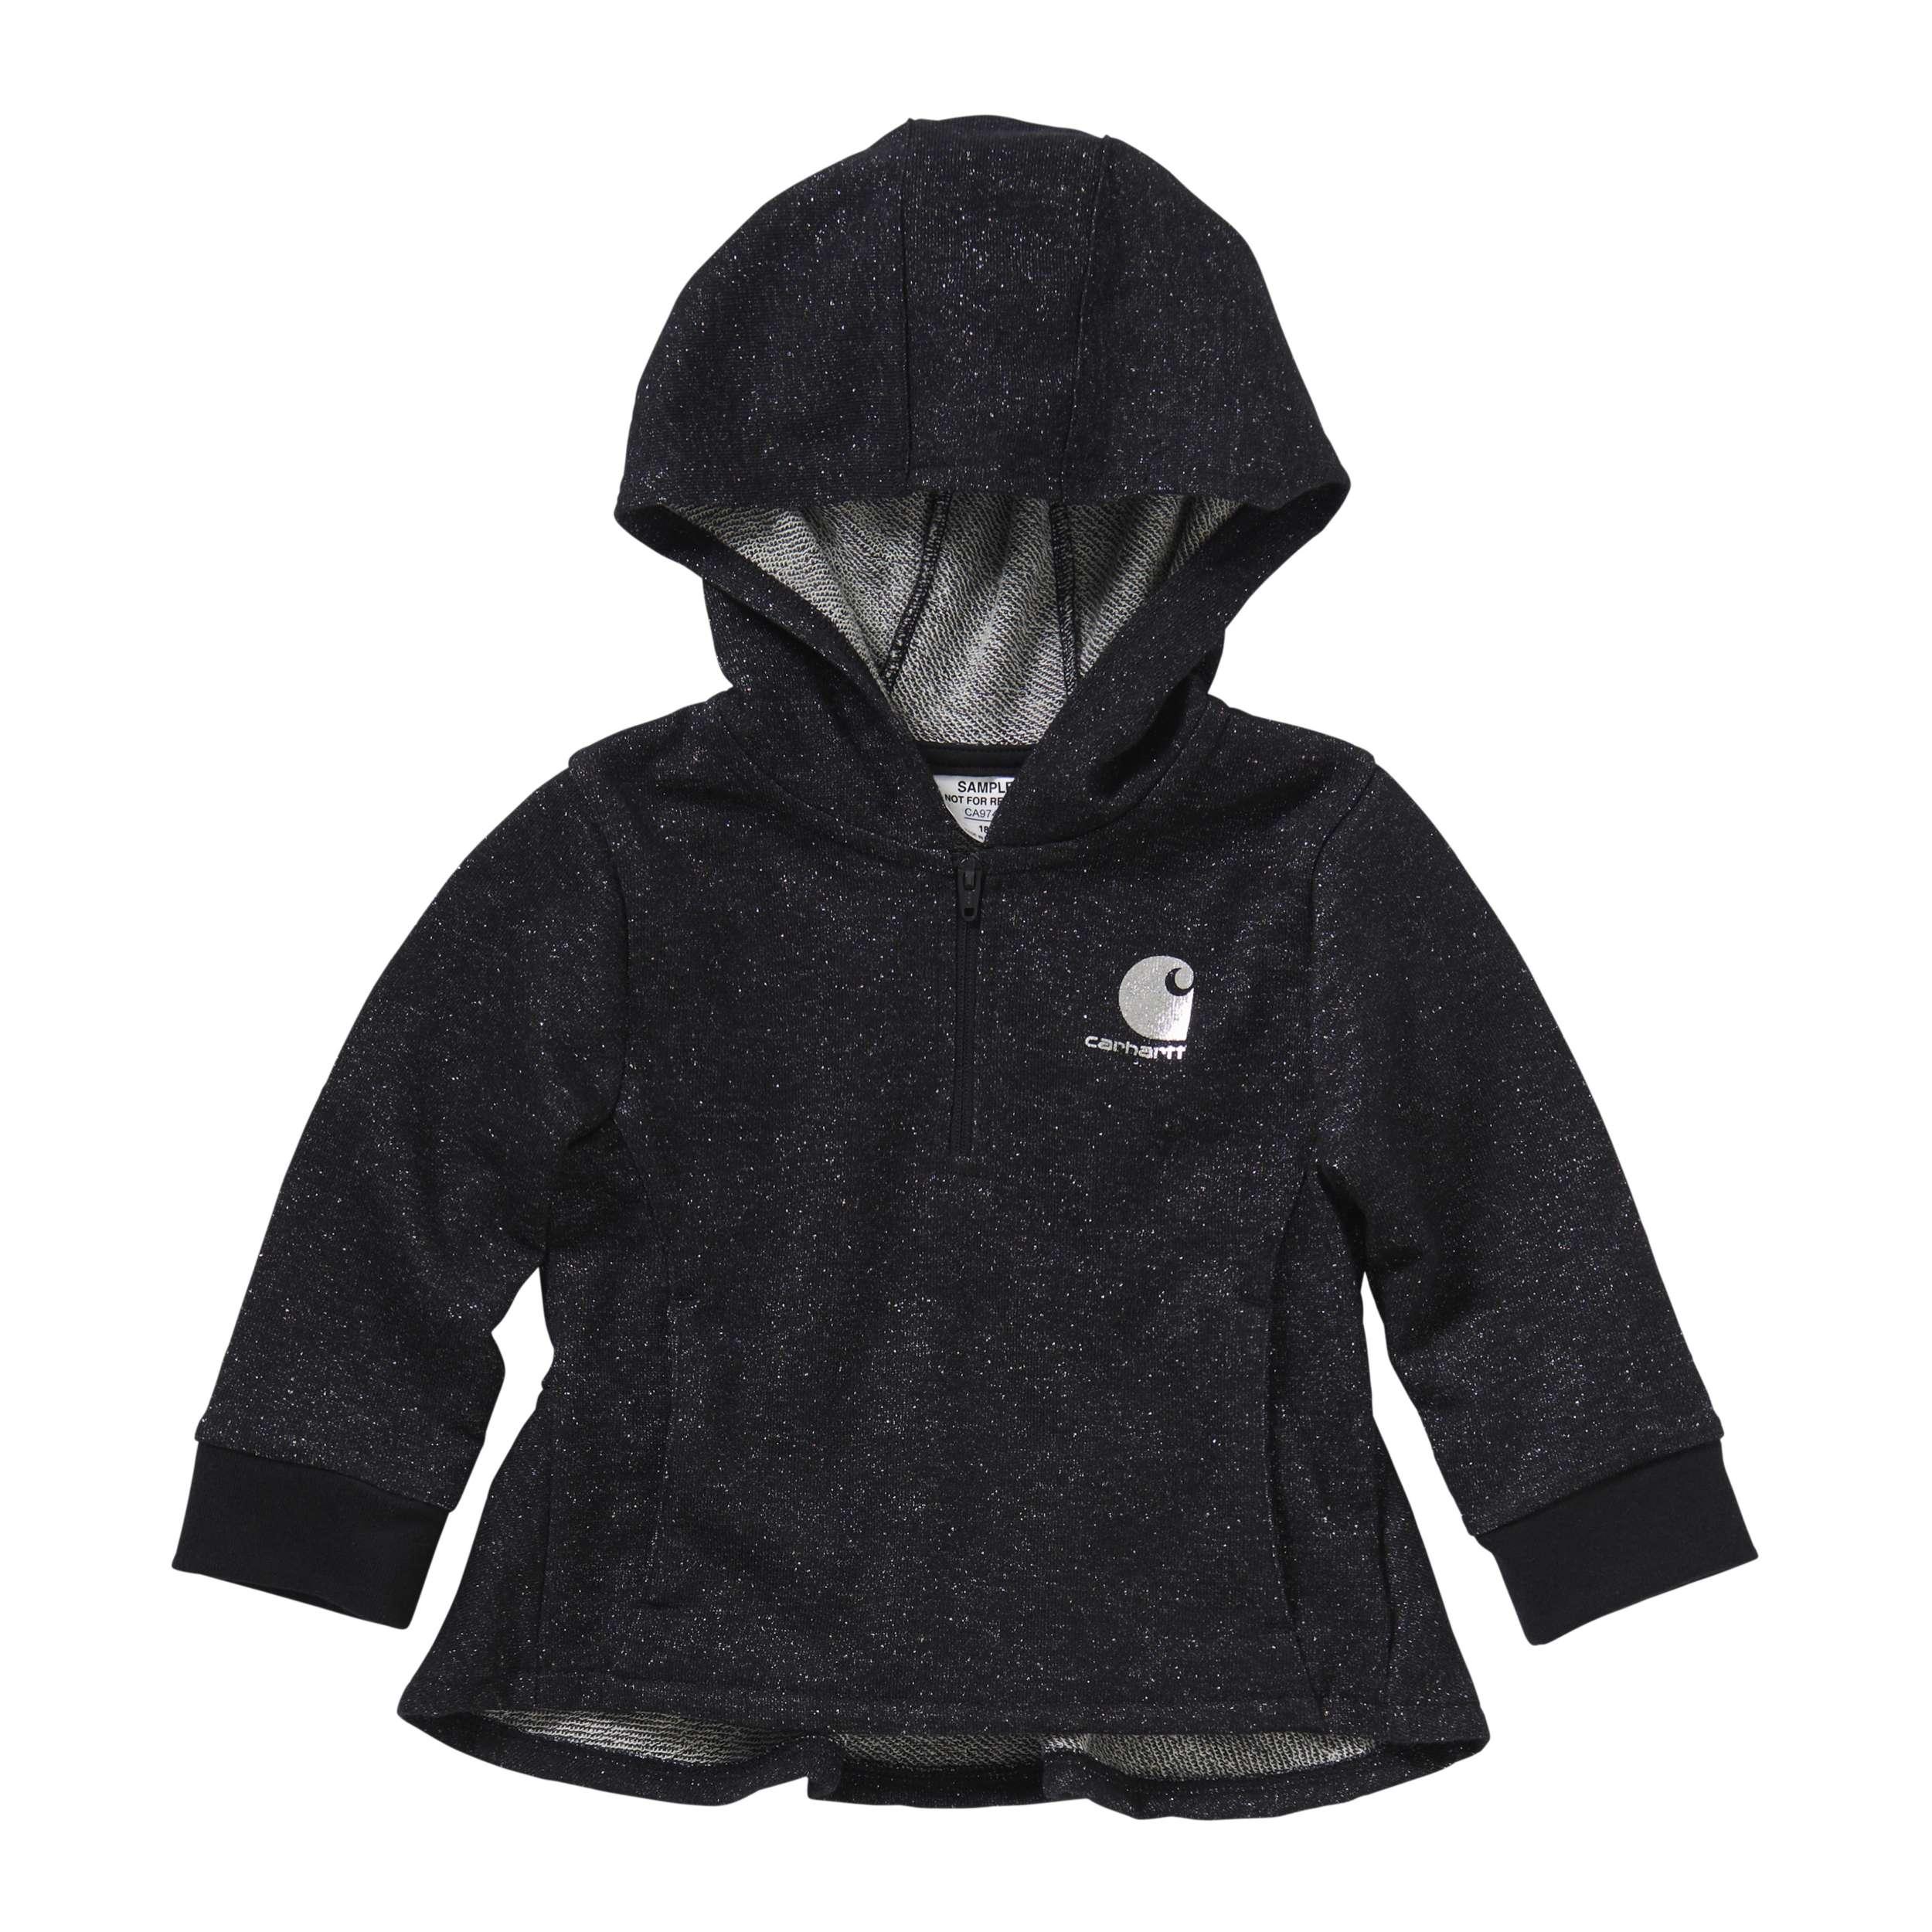 Carhartt Quarter Zip Sweatshirt